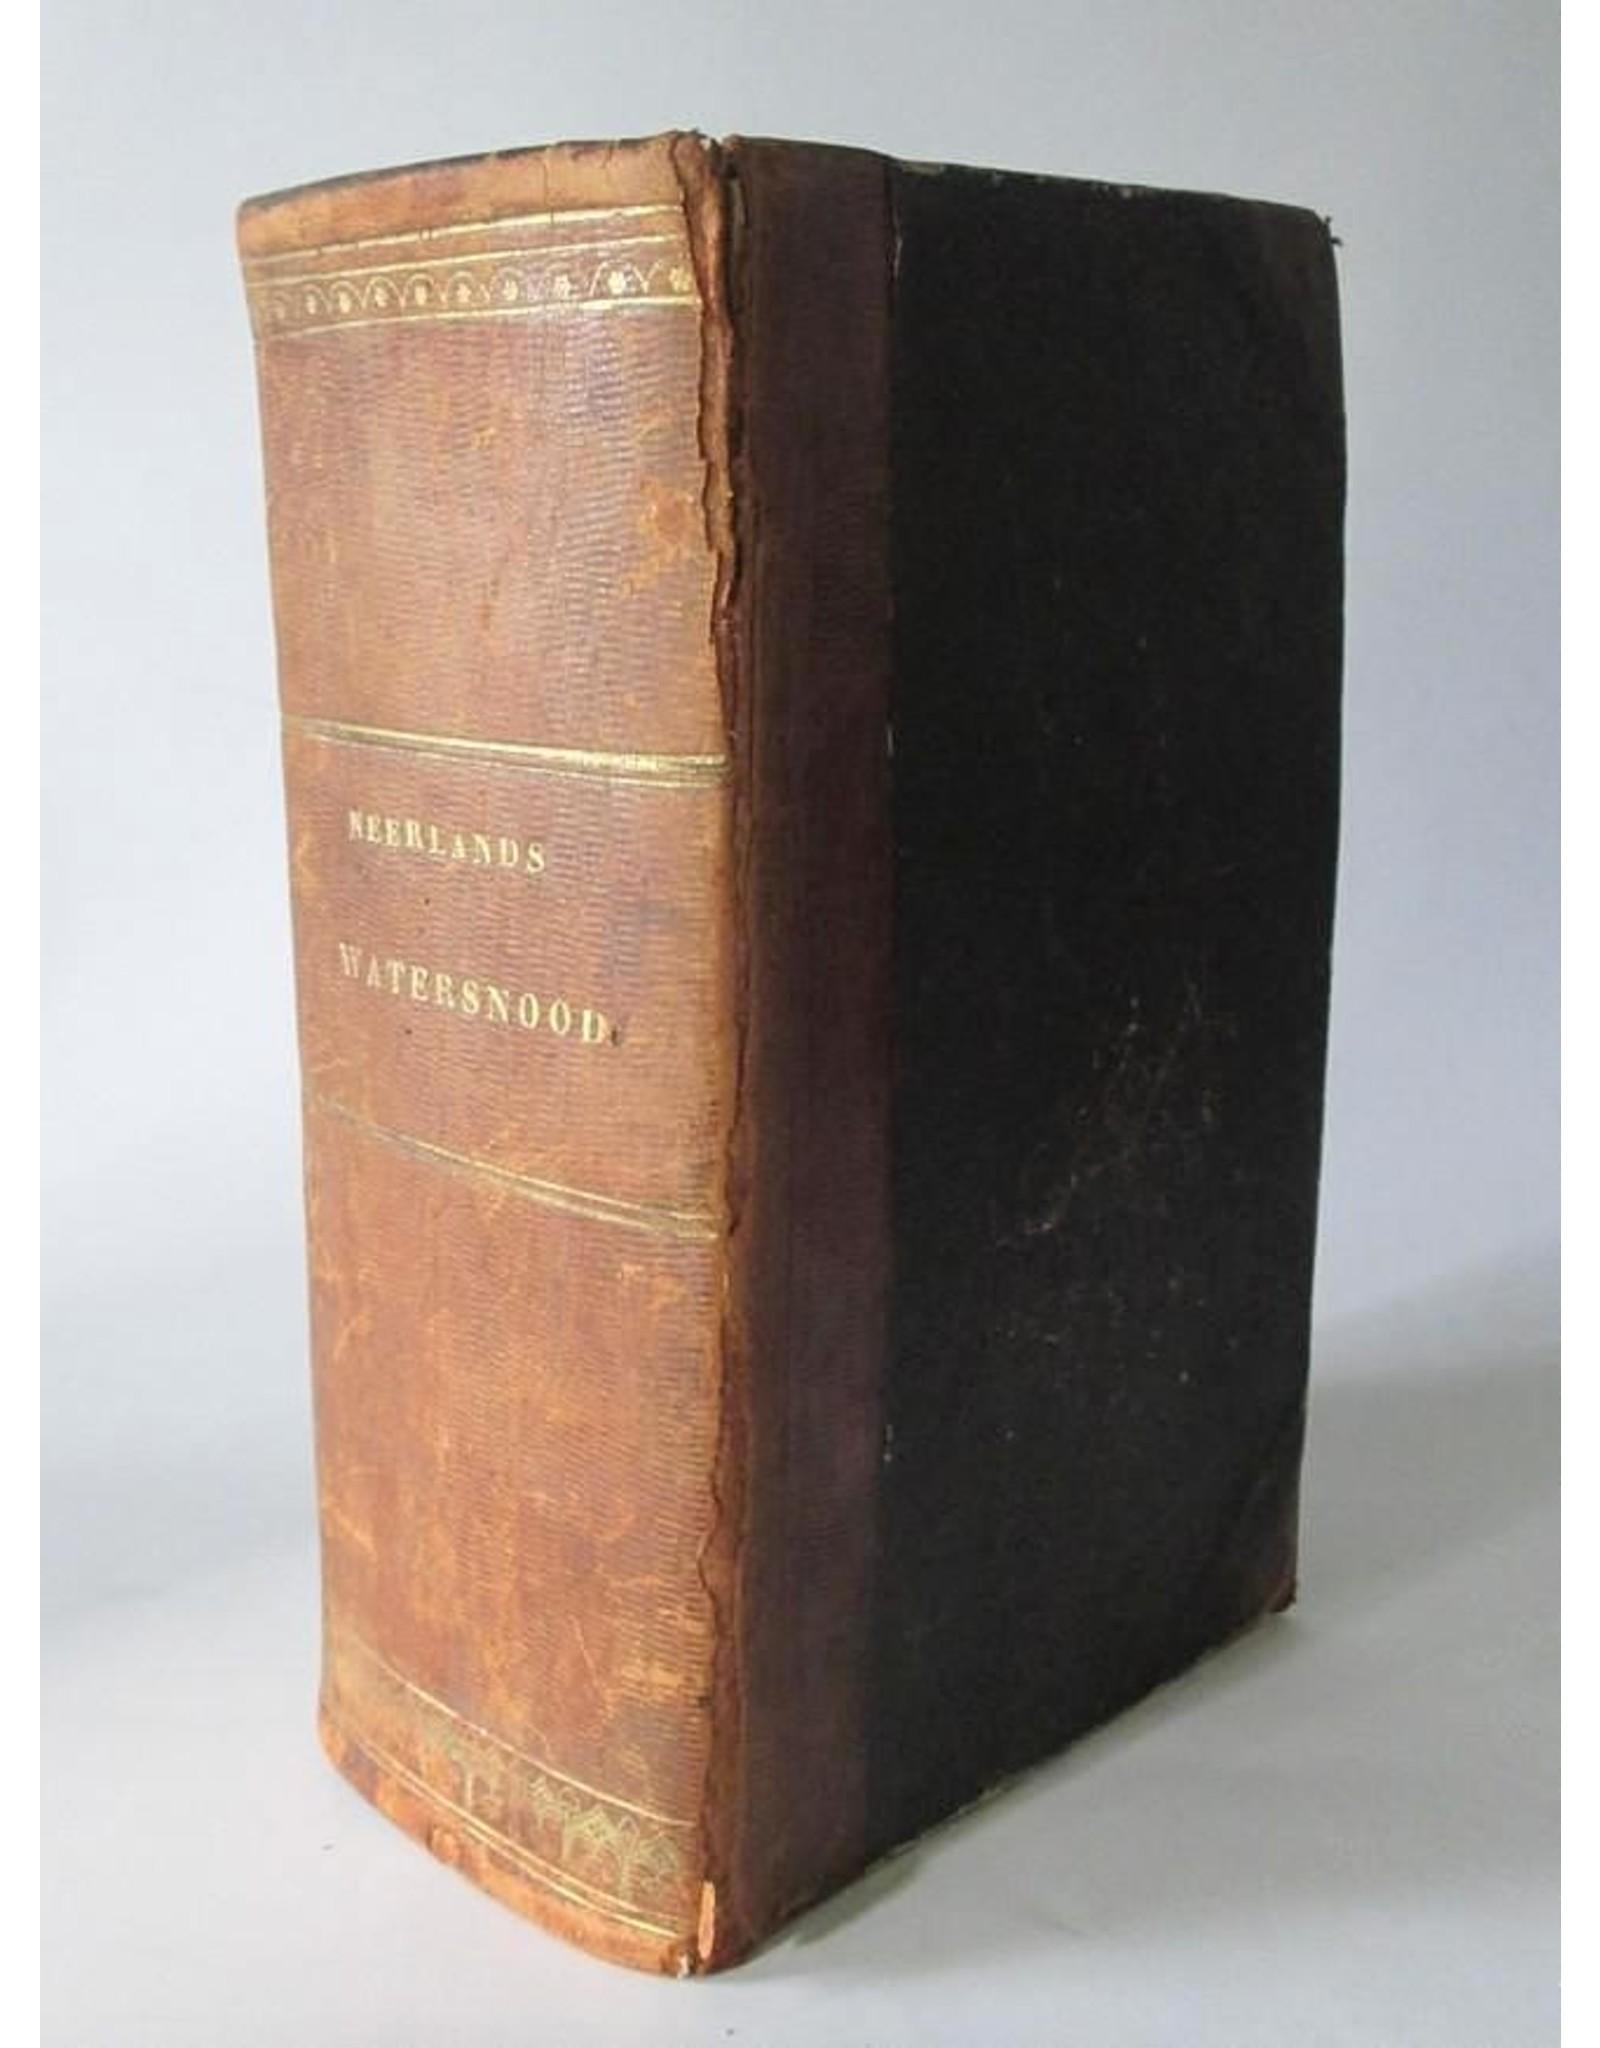 J.C. Beijer - Gedenkboek van Neerlands Watersnood in Februarij 1825